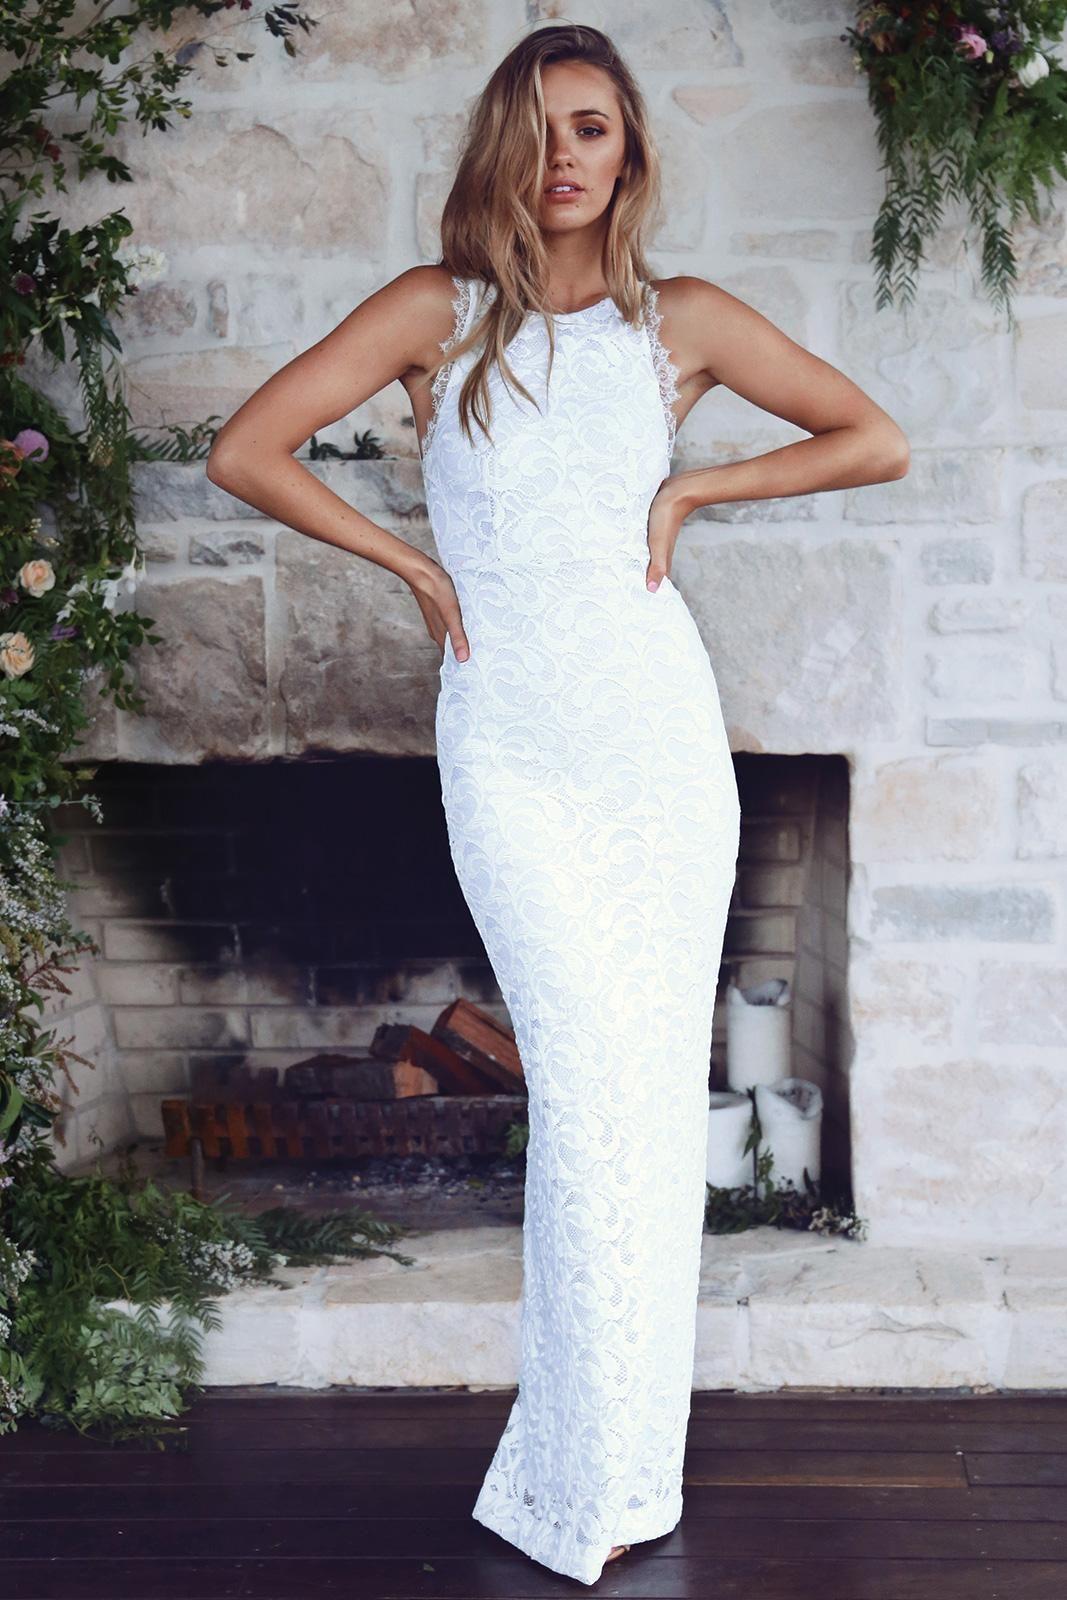 Pin von Marissa Watson auf Wedding dresses | Pinterest